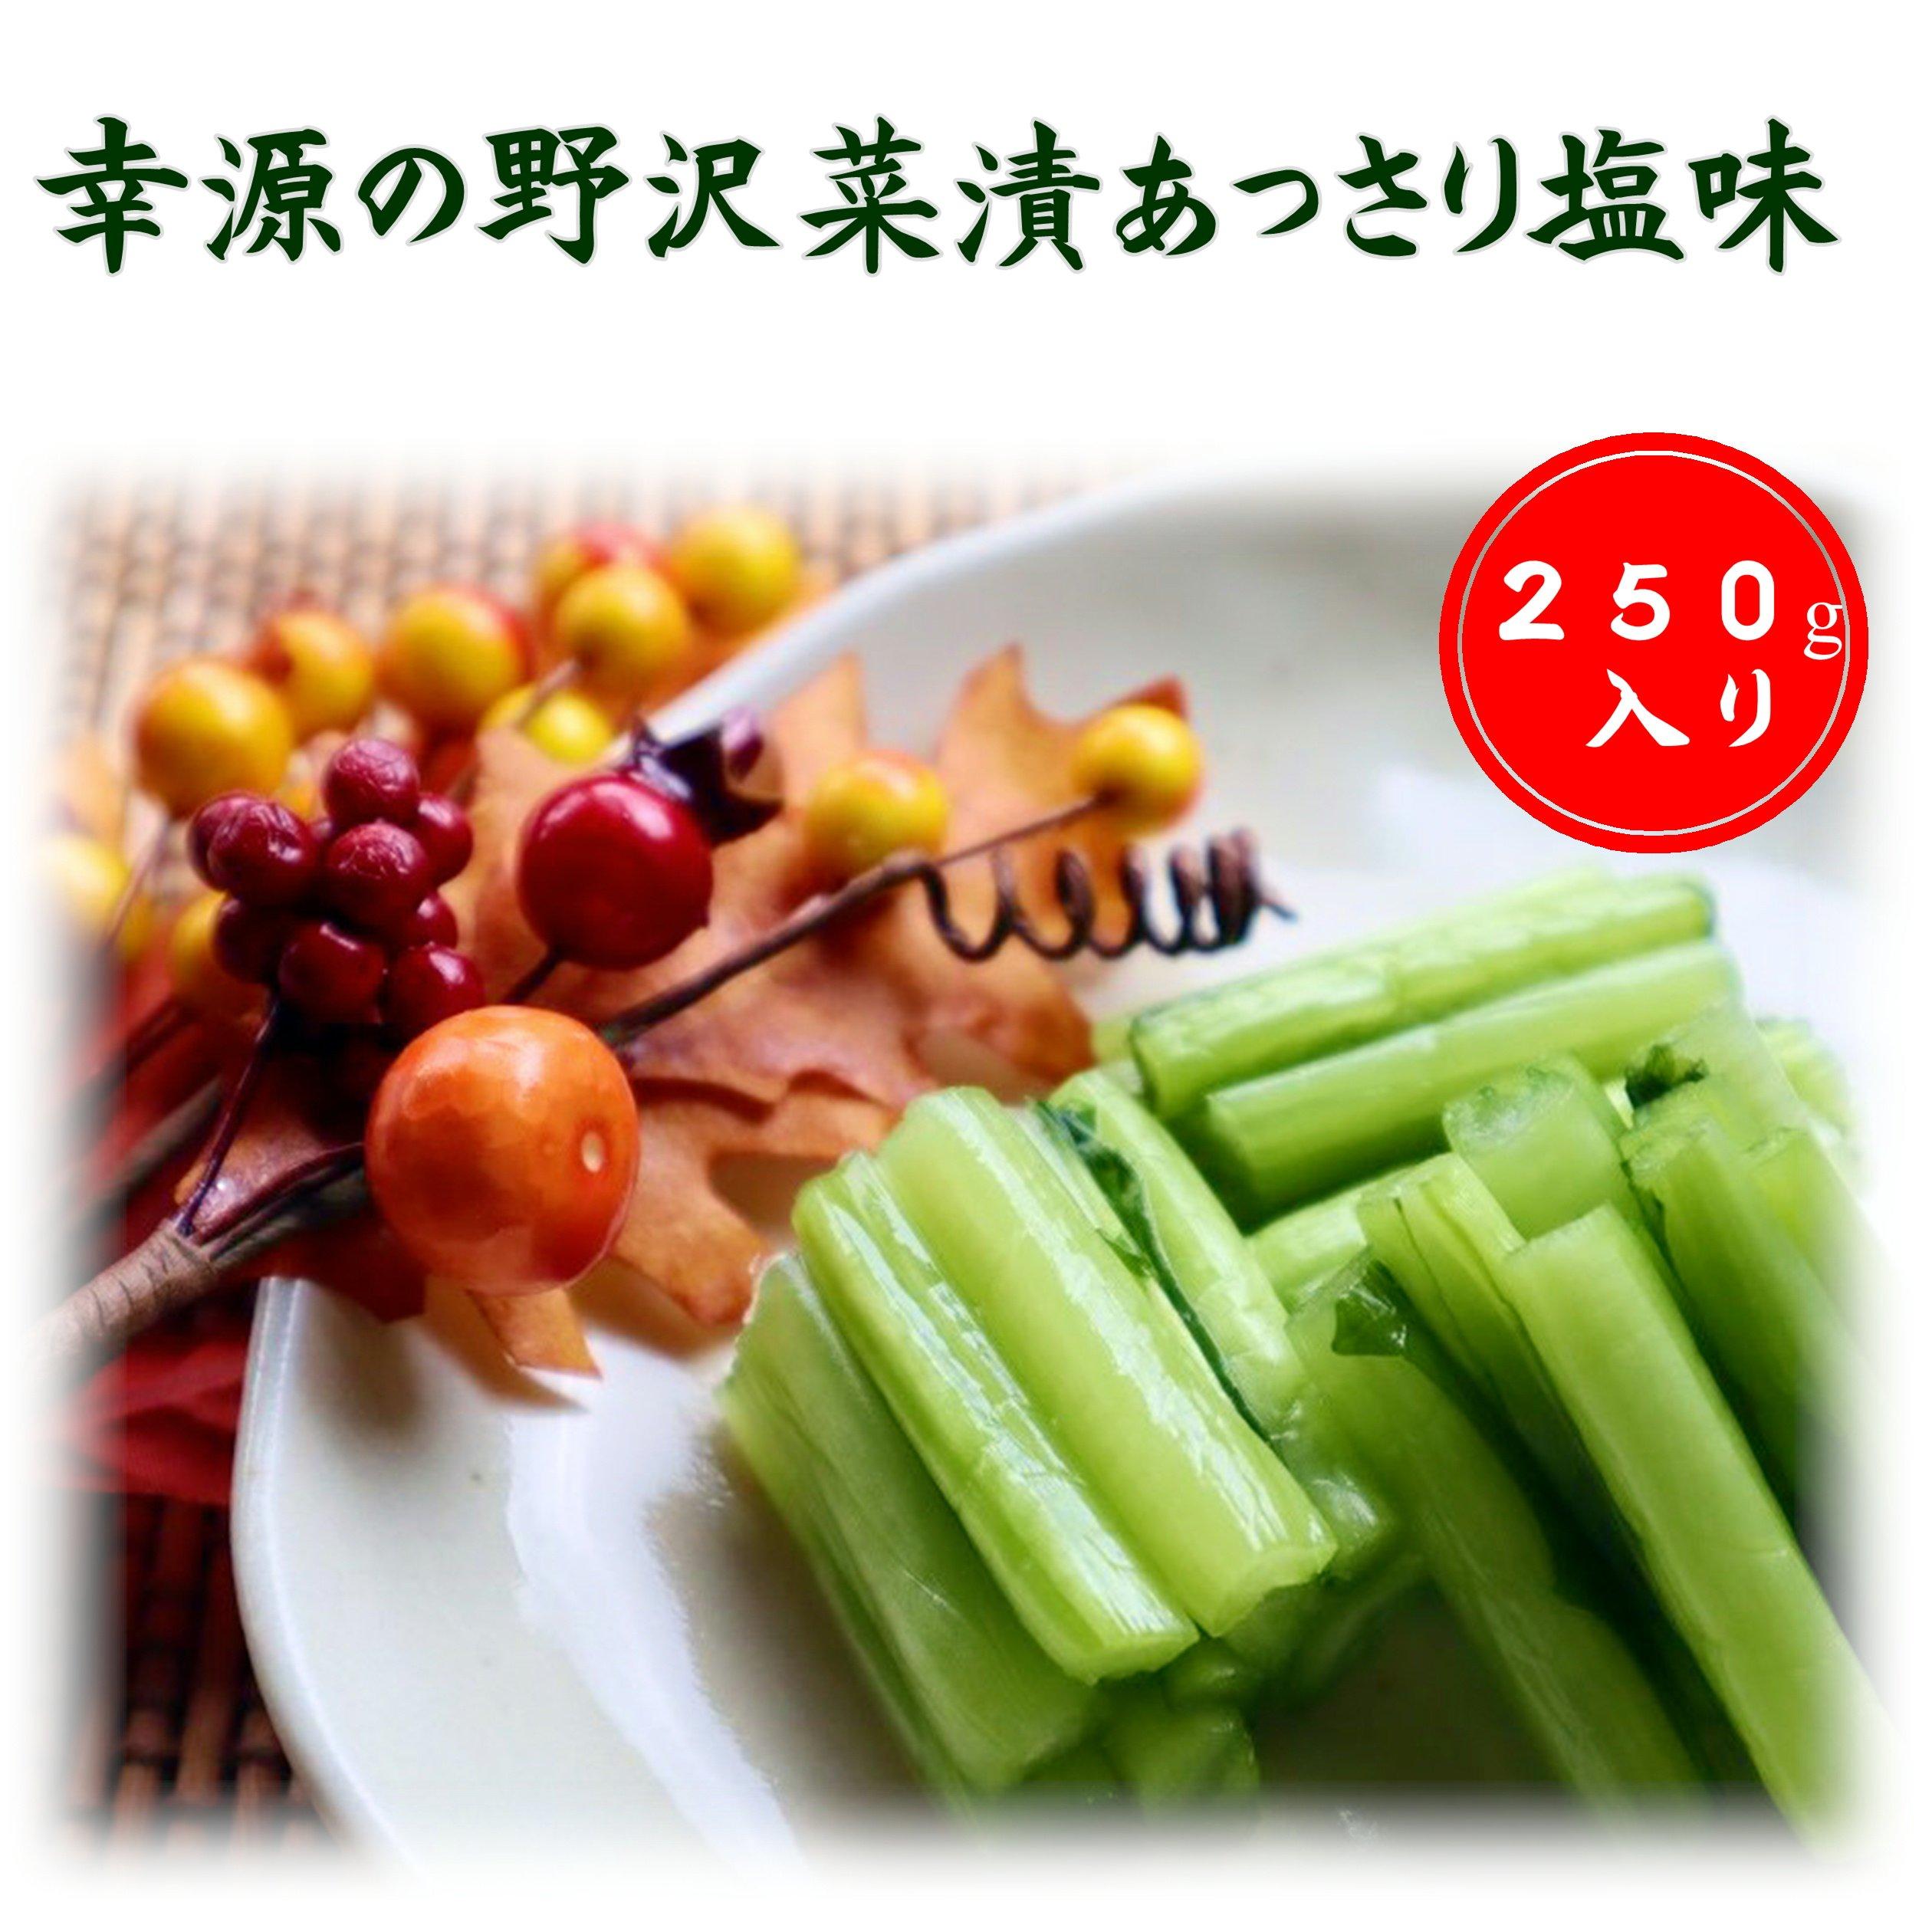 新潟魚沼 お漬物の幸源 野沢菜漬け/あっさり塩味250g